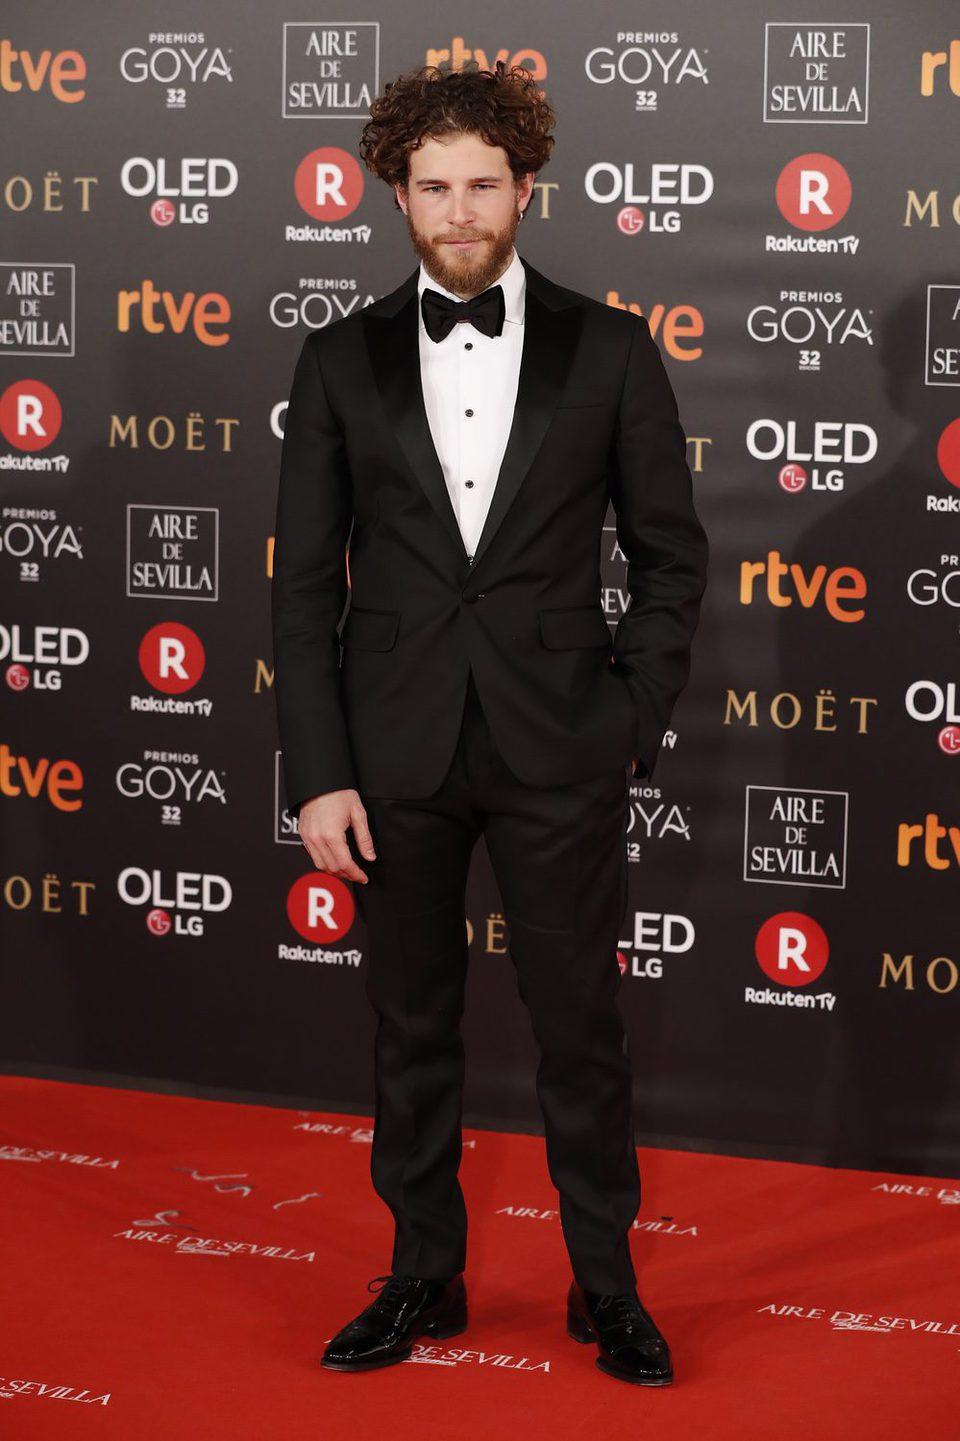 Álvaro Cervantes en la alfombra roja de los Premios Goya 2018